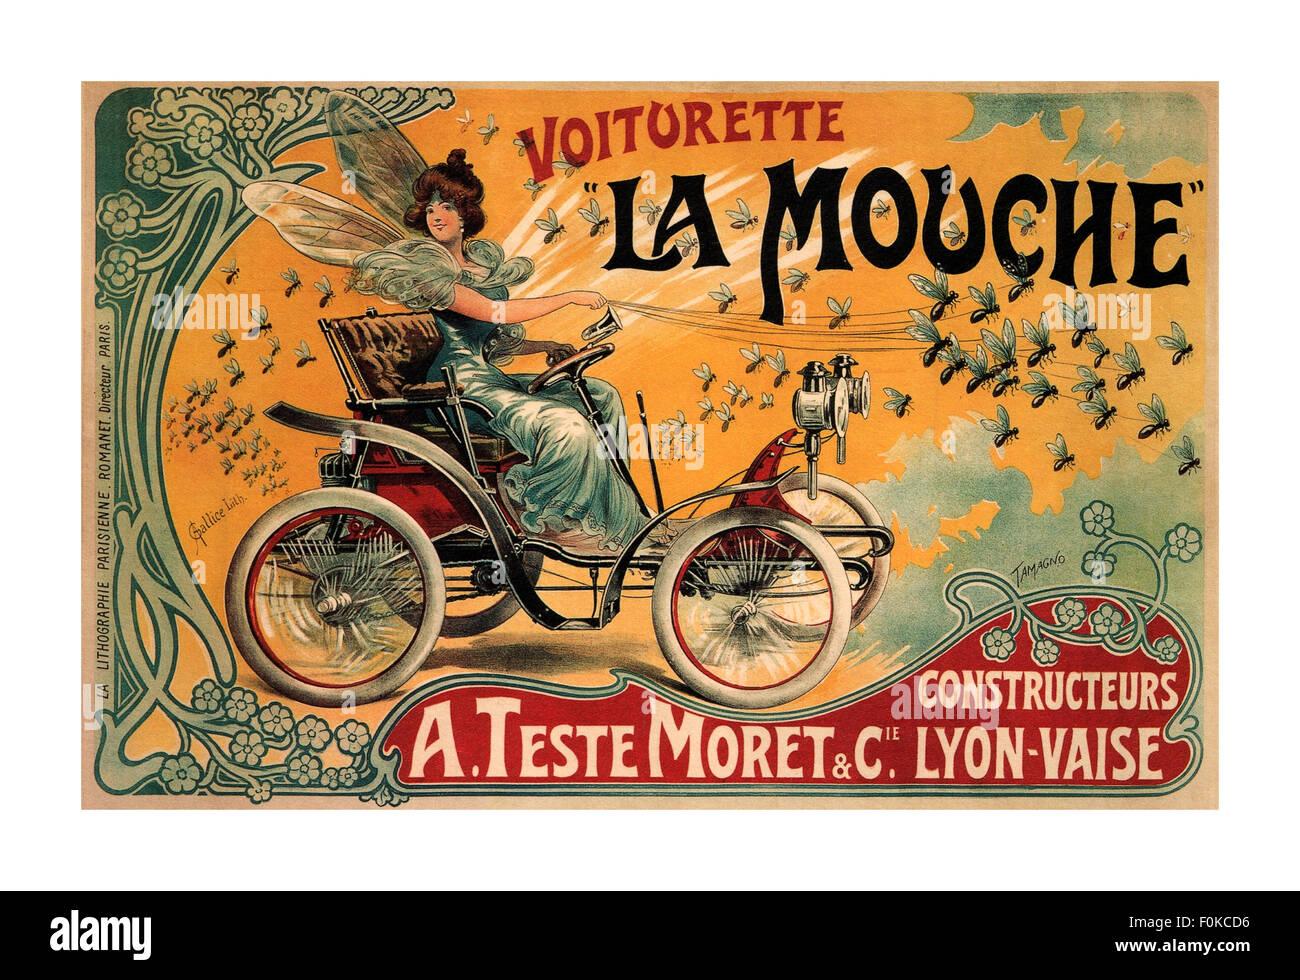 LA MOUCHE VOITURETTE 1900 art deco style The French car company, A. Teste Moret & Cie, promoted its Voiturette - Stock Image